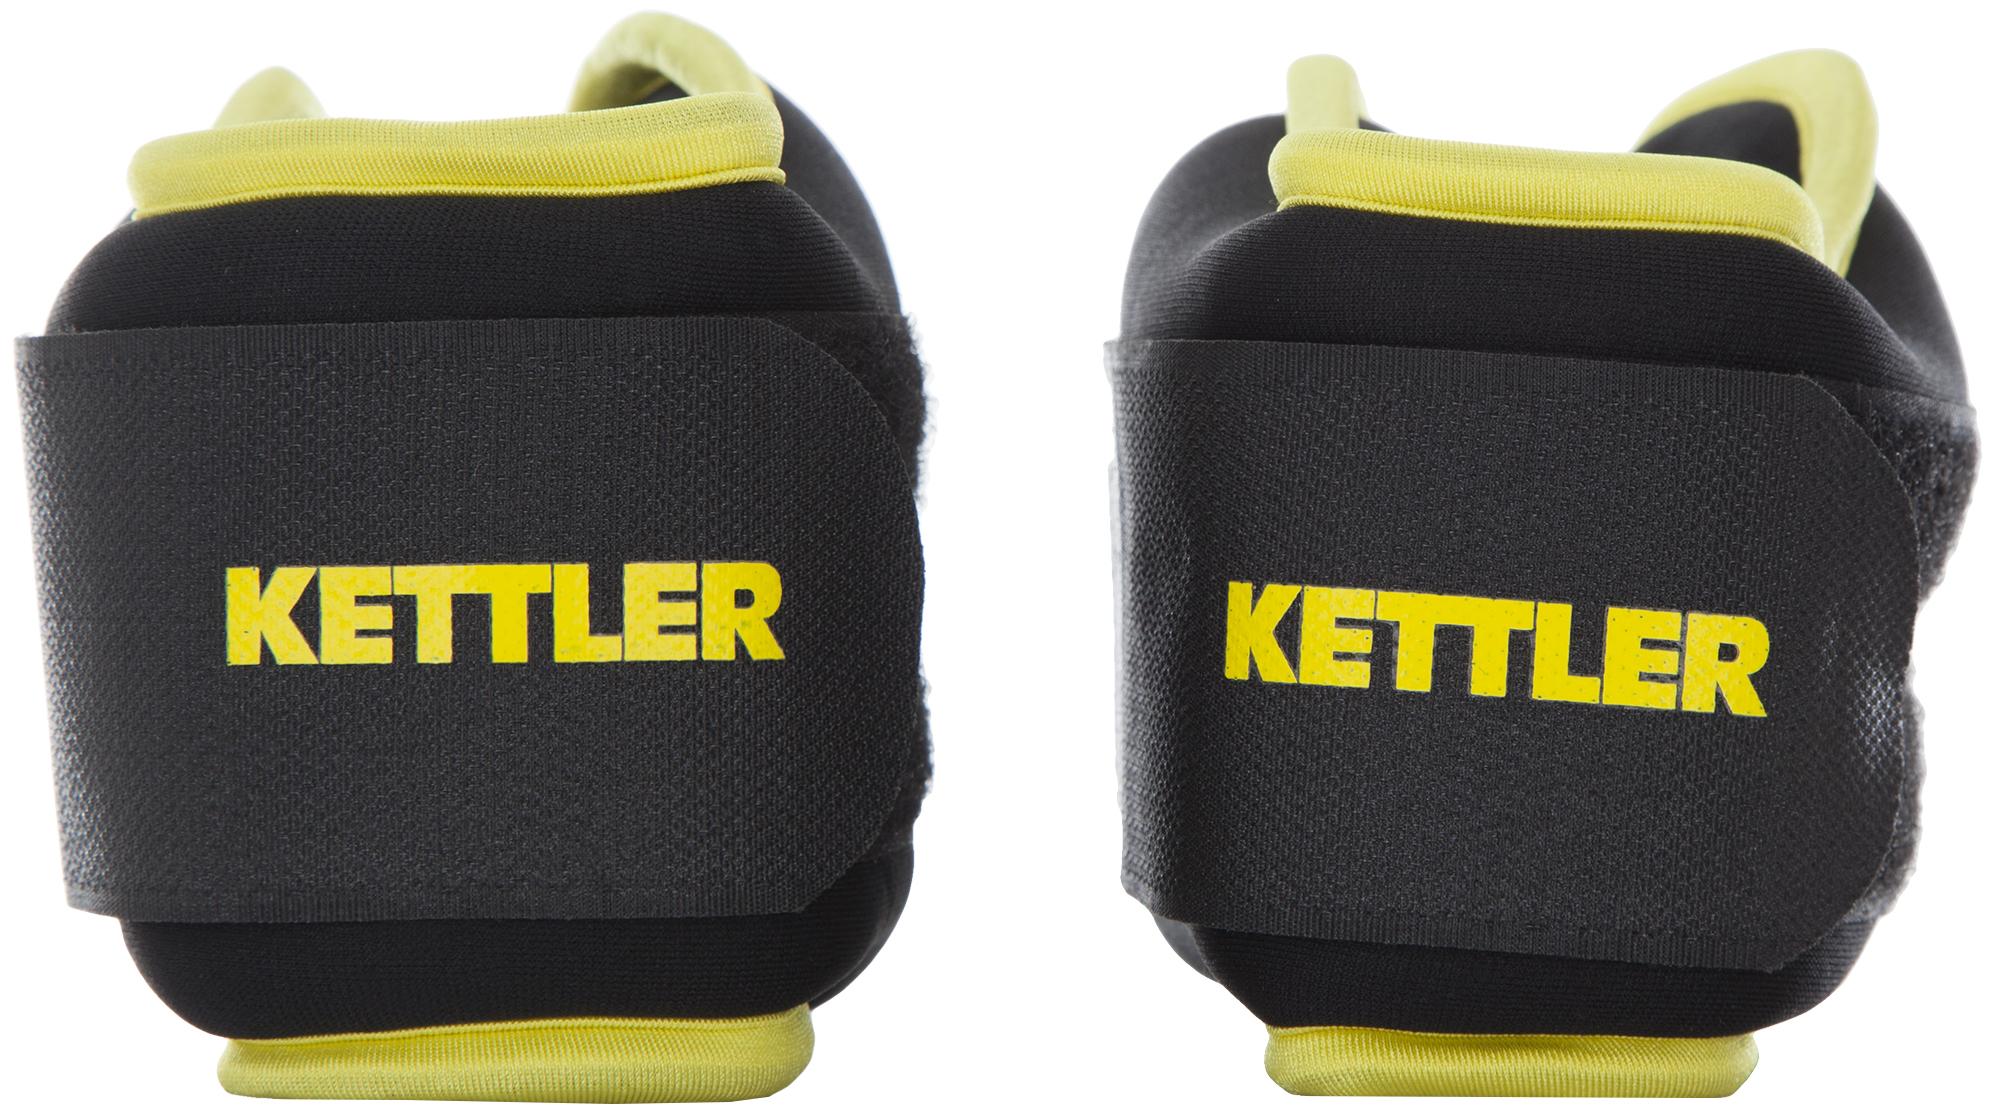 Kettler Утяжелители для рук Kettler, 2 х 1,5 кг 7373-270